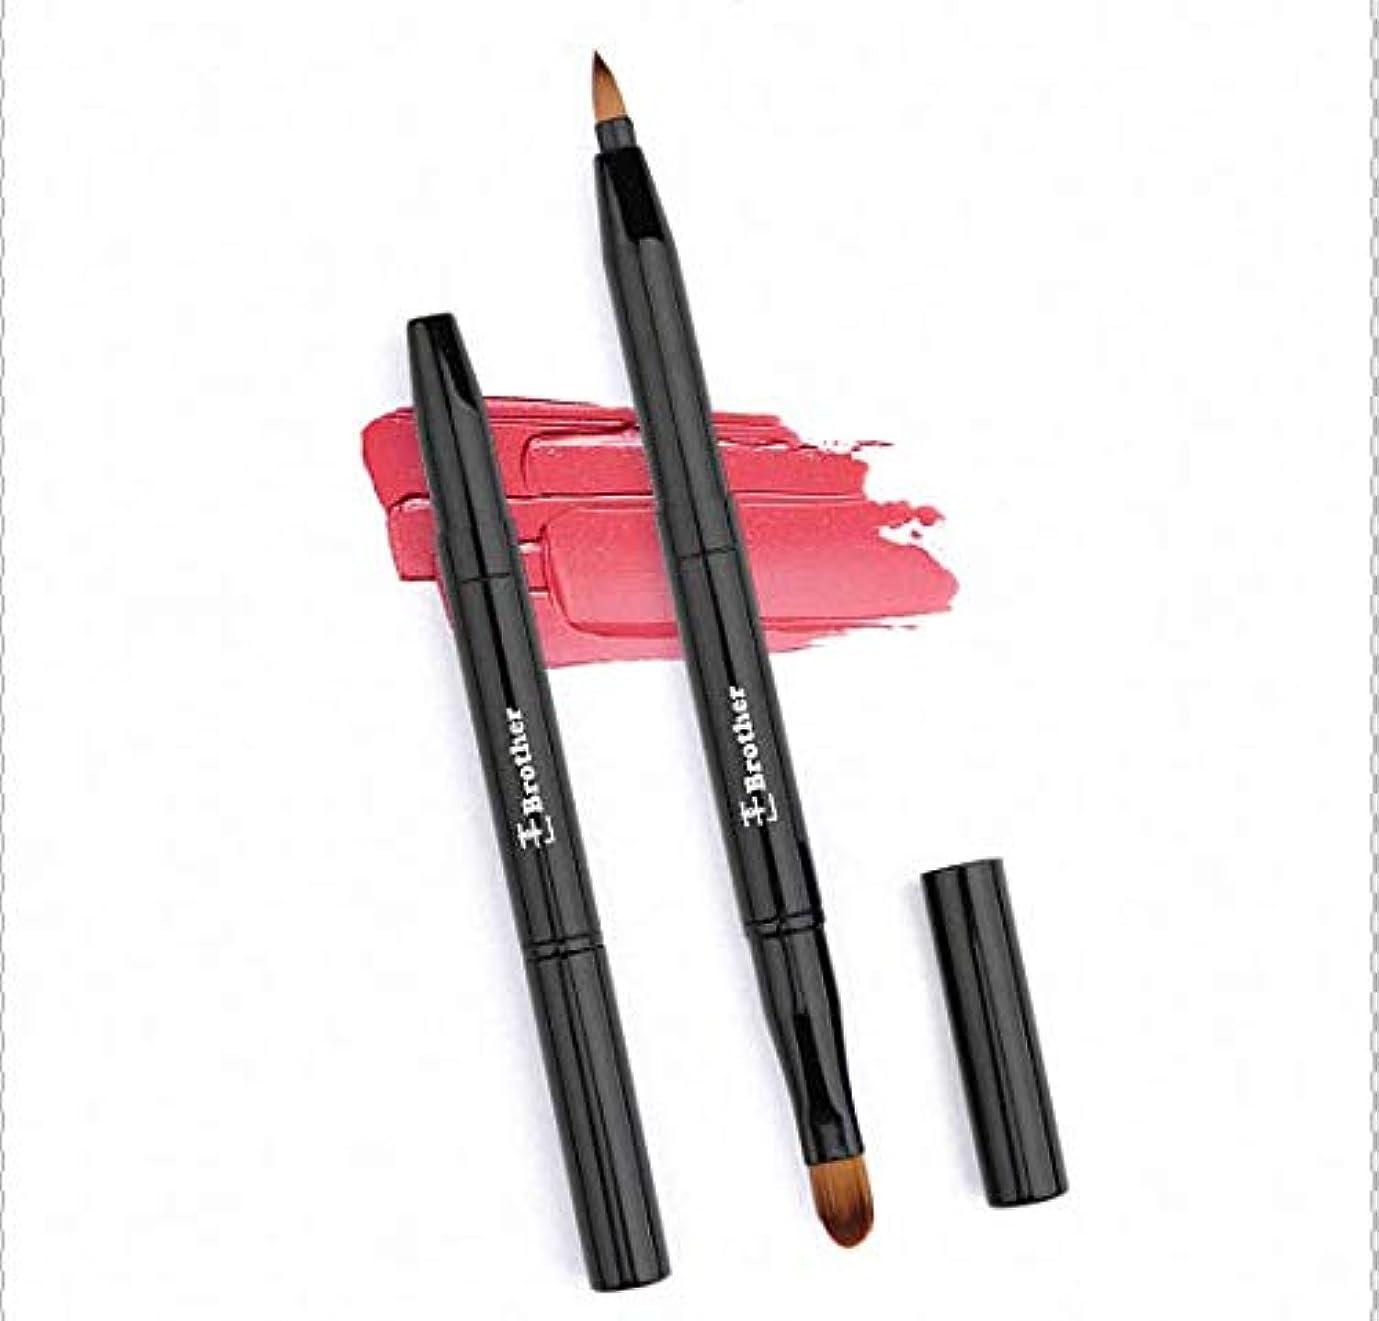 引数ドラマアボートリップブラシ、アイブロウブラシ2in1(ツーインワン) 伸縮機能付き ソフトでフィット感のある化粧筆(超柔らかい)。 携帯便利。ギフト用、旅行用に最適。